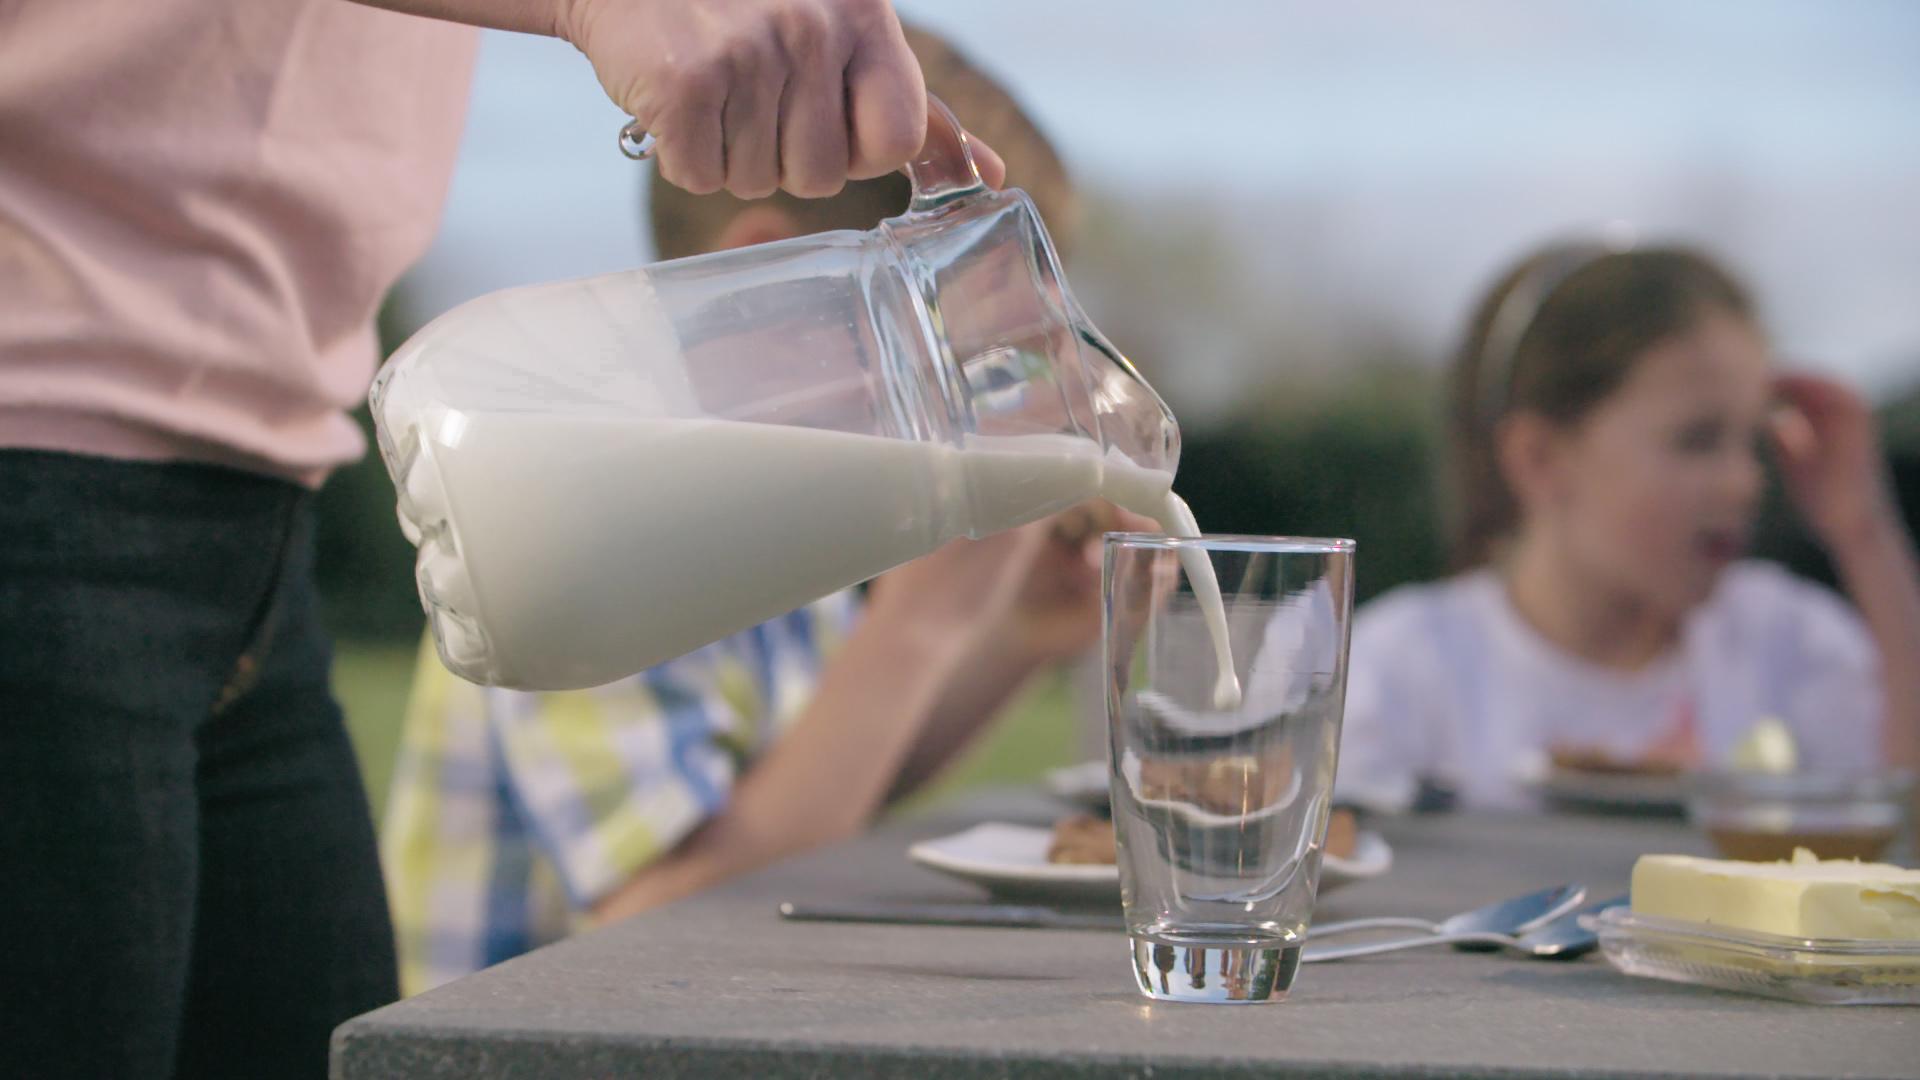 Sữa Hữu Cơ Giúp Bảo Vệ Môi Trường Như Thế Nào?